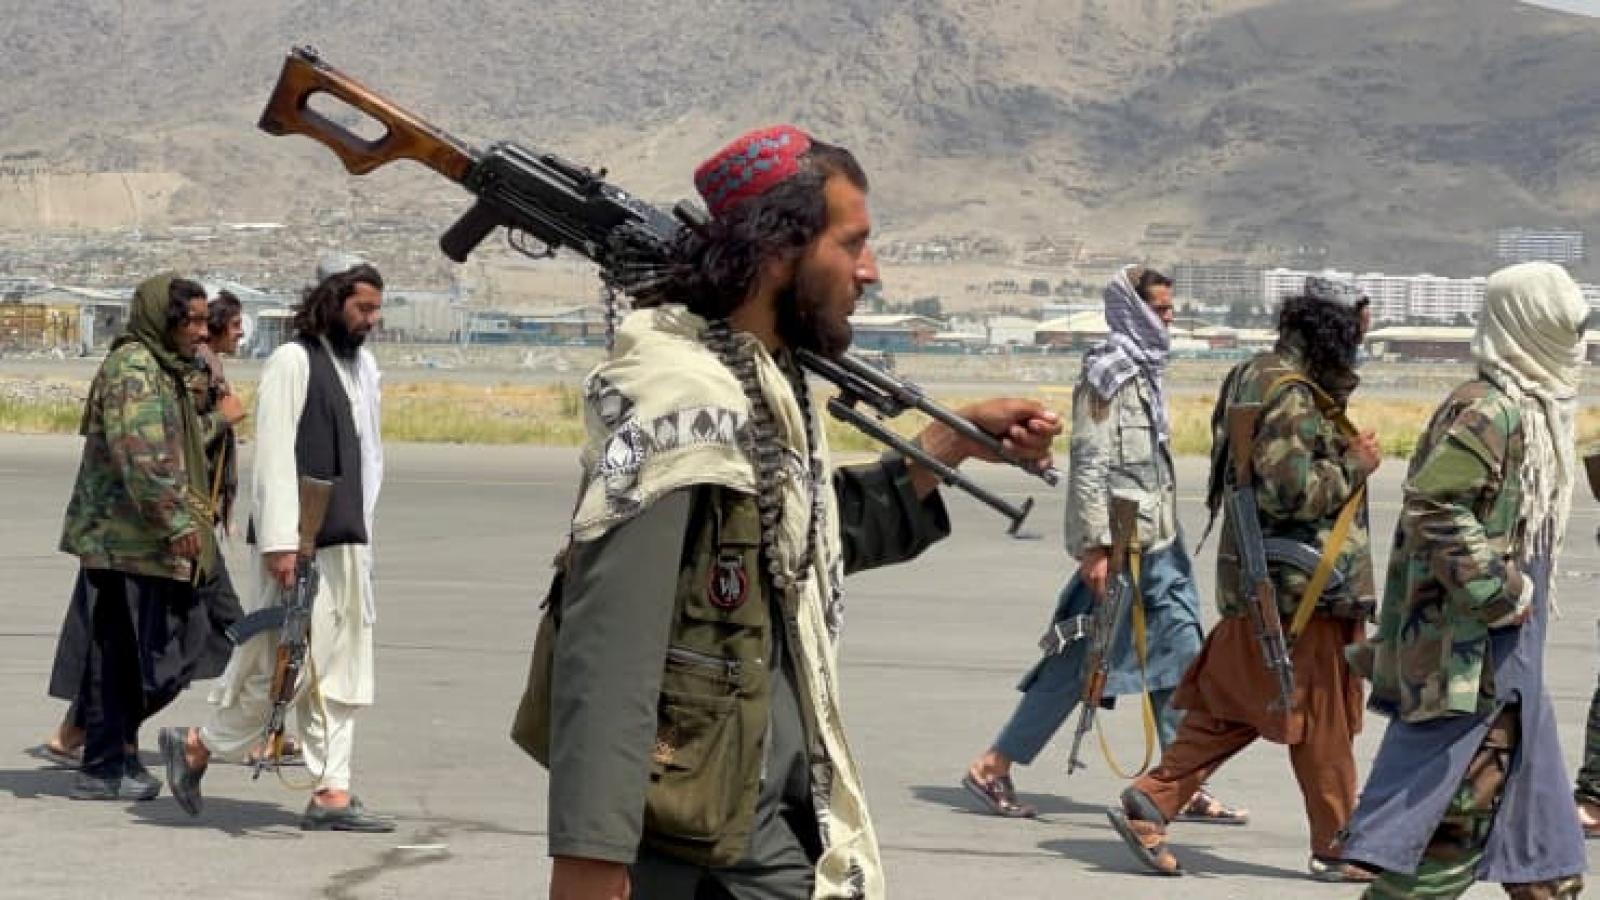 Nguy cơ chủ nghĩa khủng bố gia tăng dưới sự bảo trợ của chính phủ Taliban